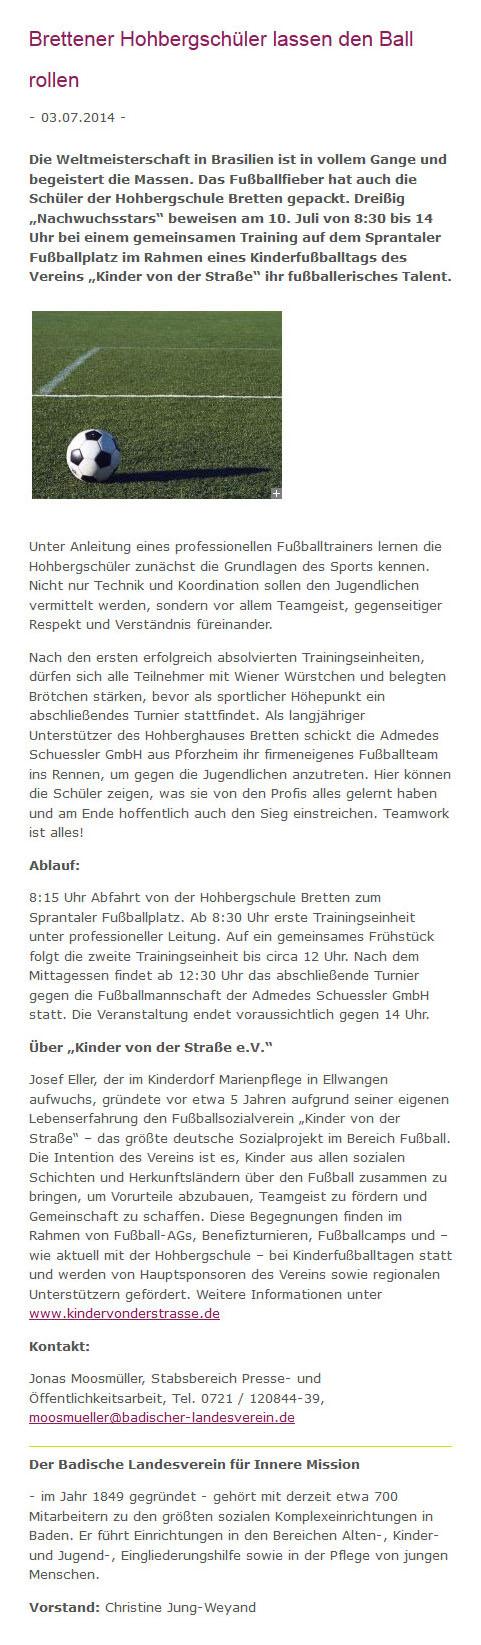 Badischer Landesverein fuer Innere Mission vom 03072014 - Bild 1 - Datum: 12.10.2014 - Tags: Pressebericht, AKTION FUSSBALLTAG e.V.